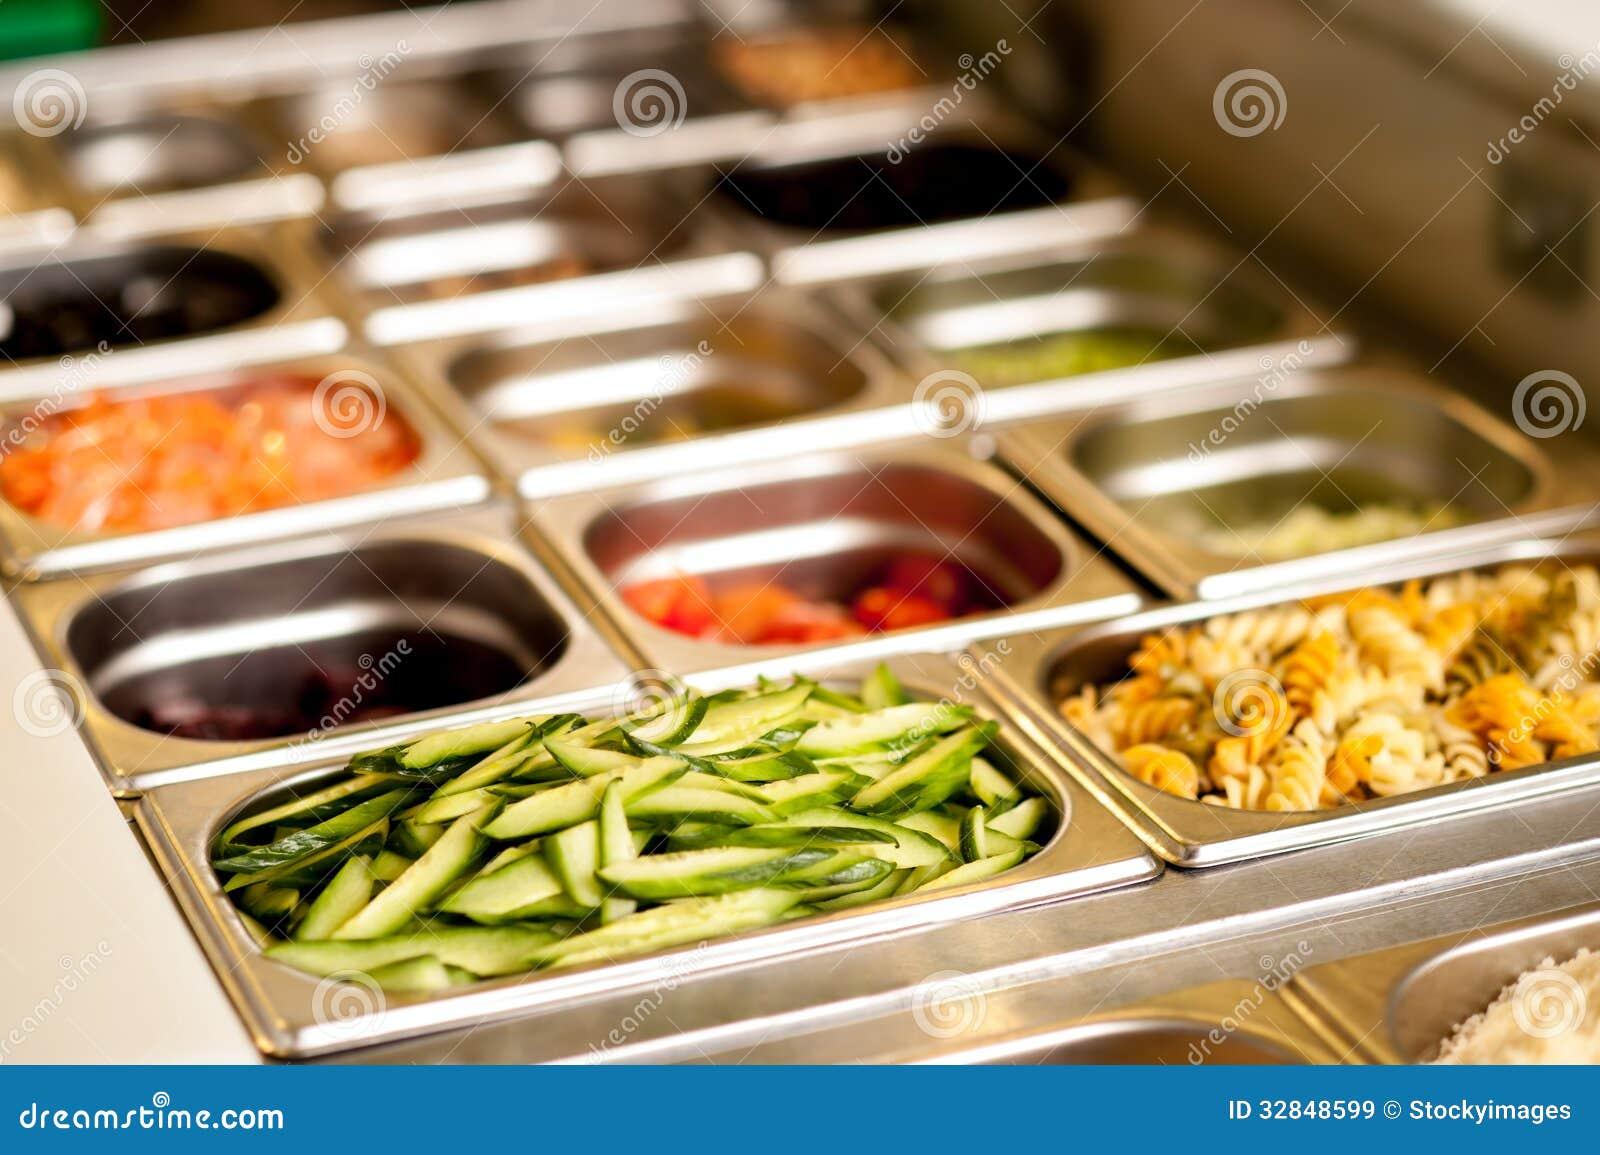 Nourriture végétarienne délicieuse dans des plateaux